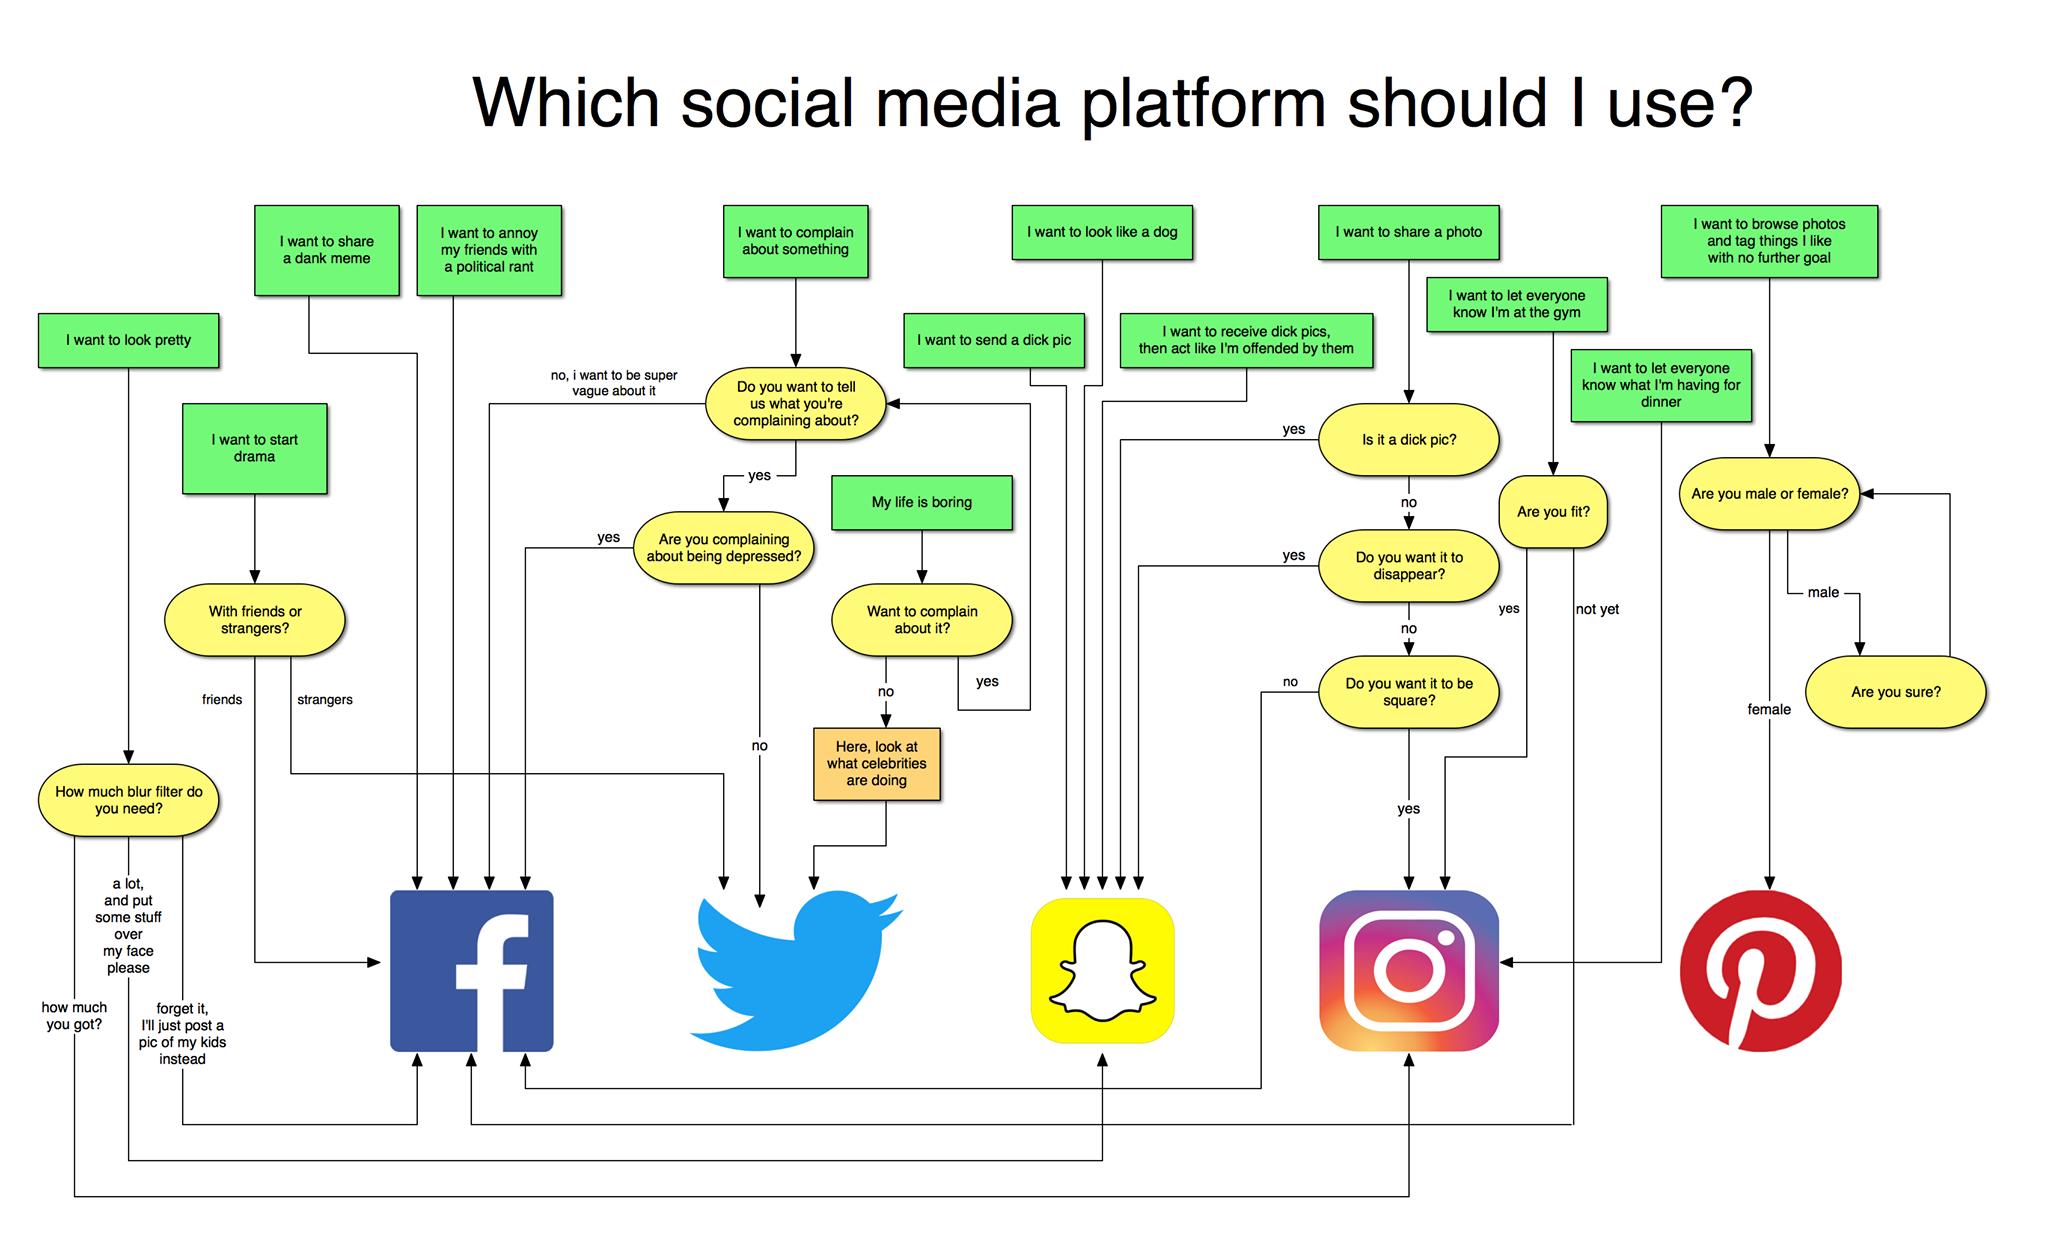 Which social media platform should I use?